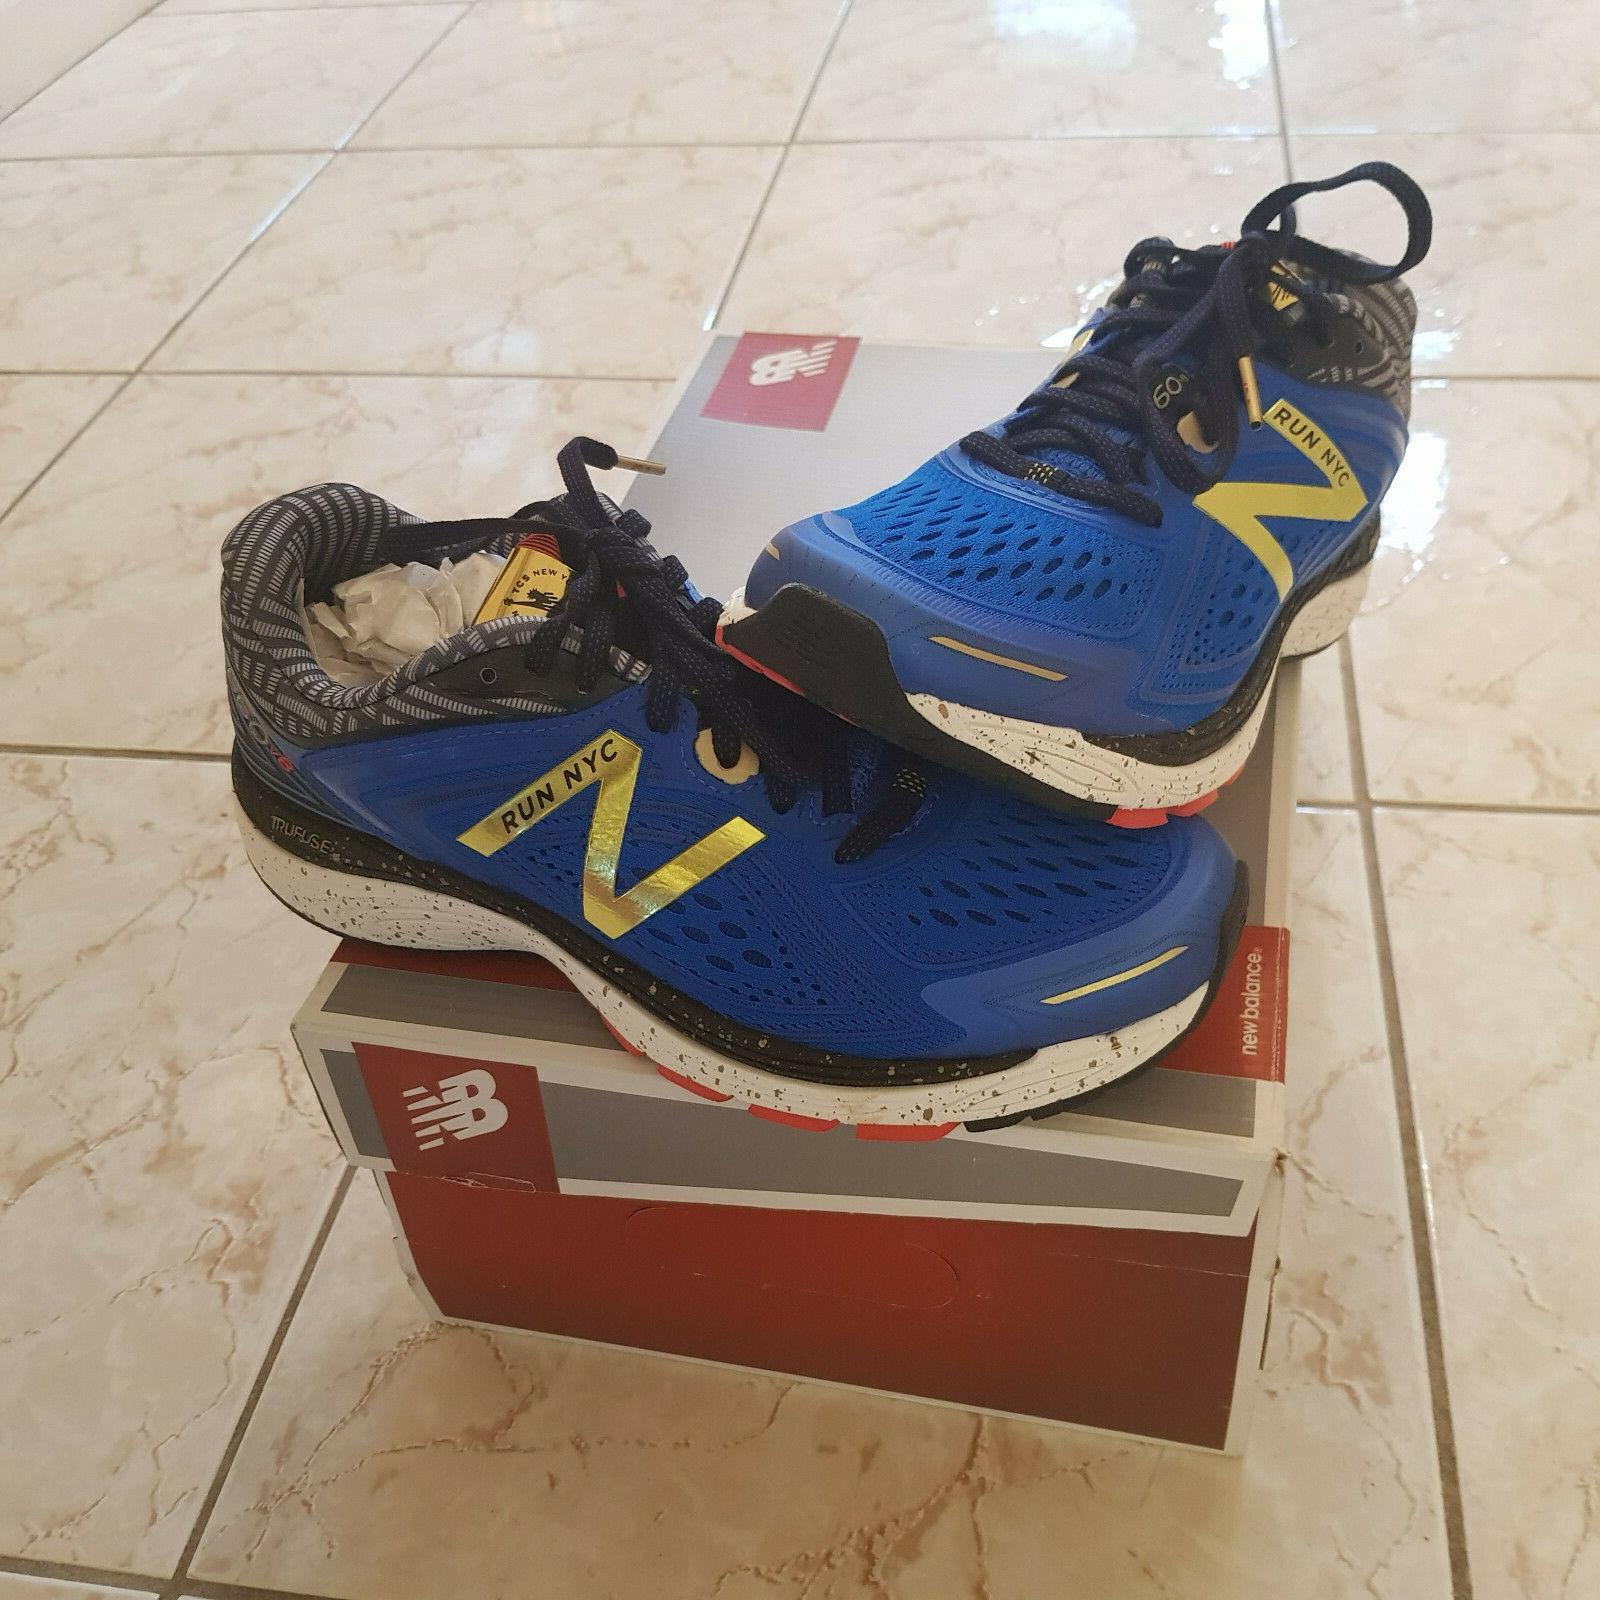 New Balance 860 V8 M860ny8 Hombre Tallas 11.5-12.5 Mediano, Nyc Maratón Edition